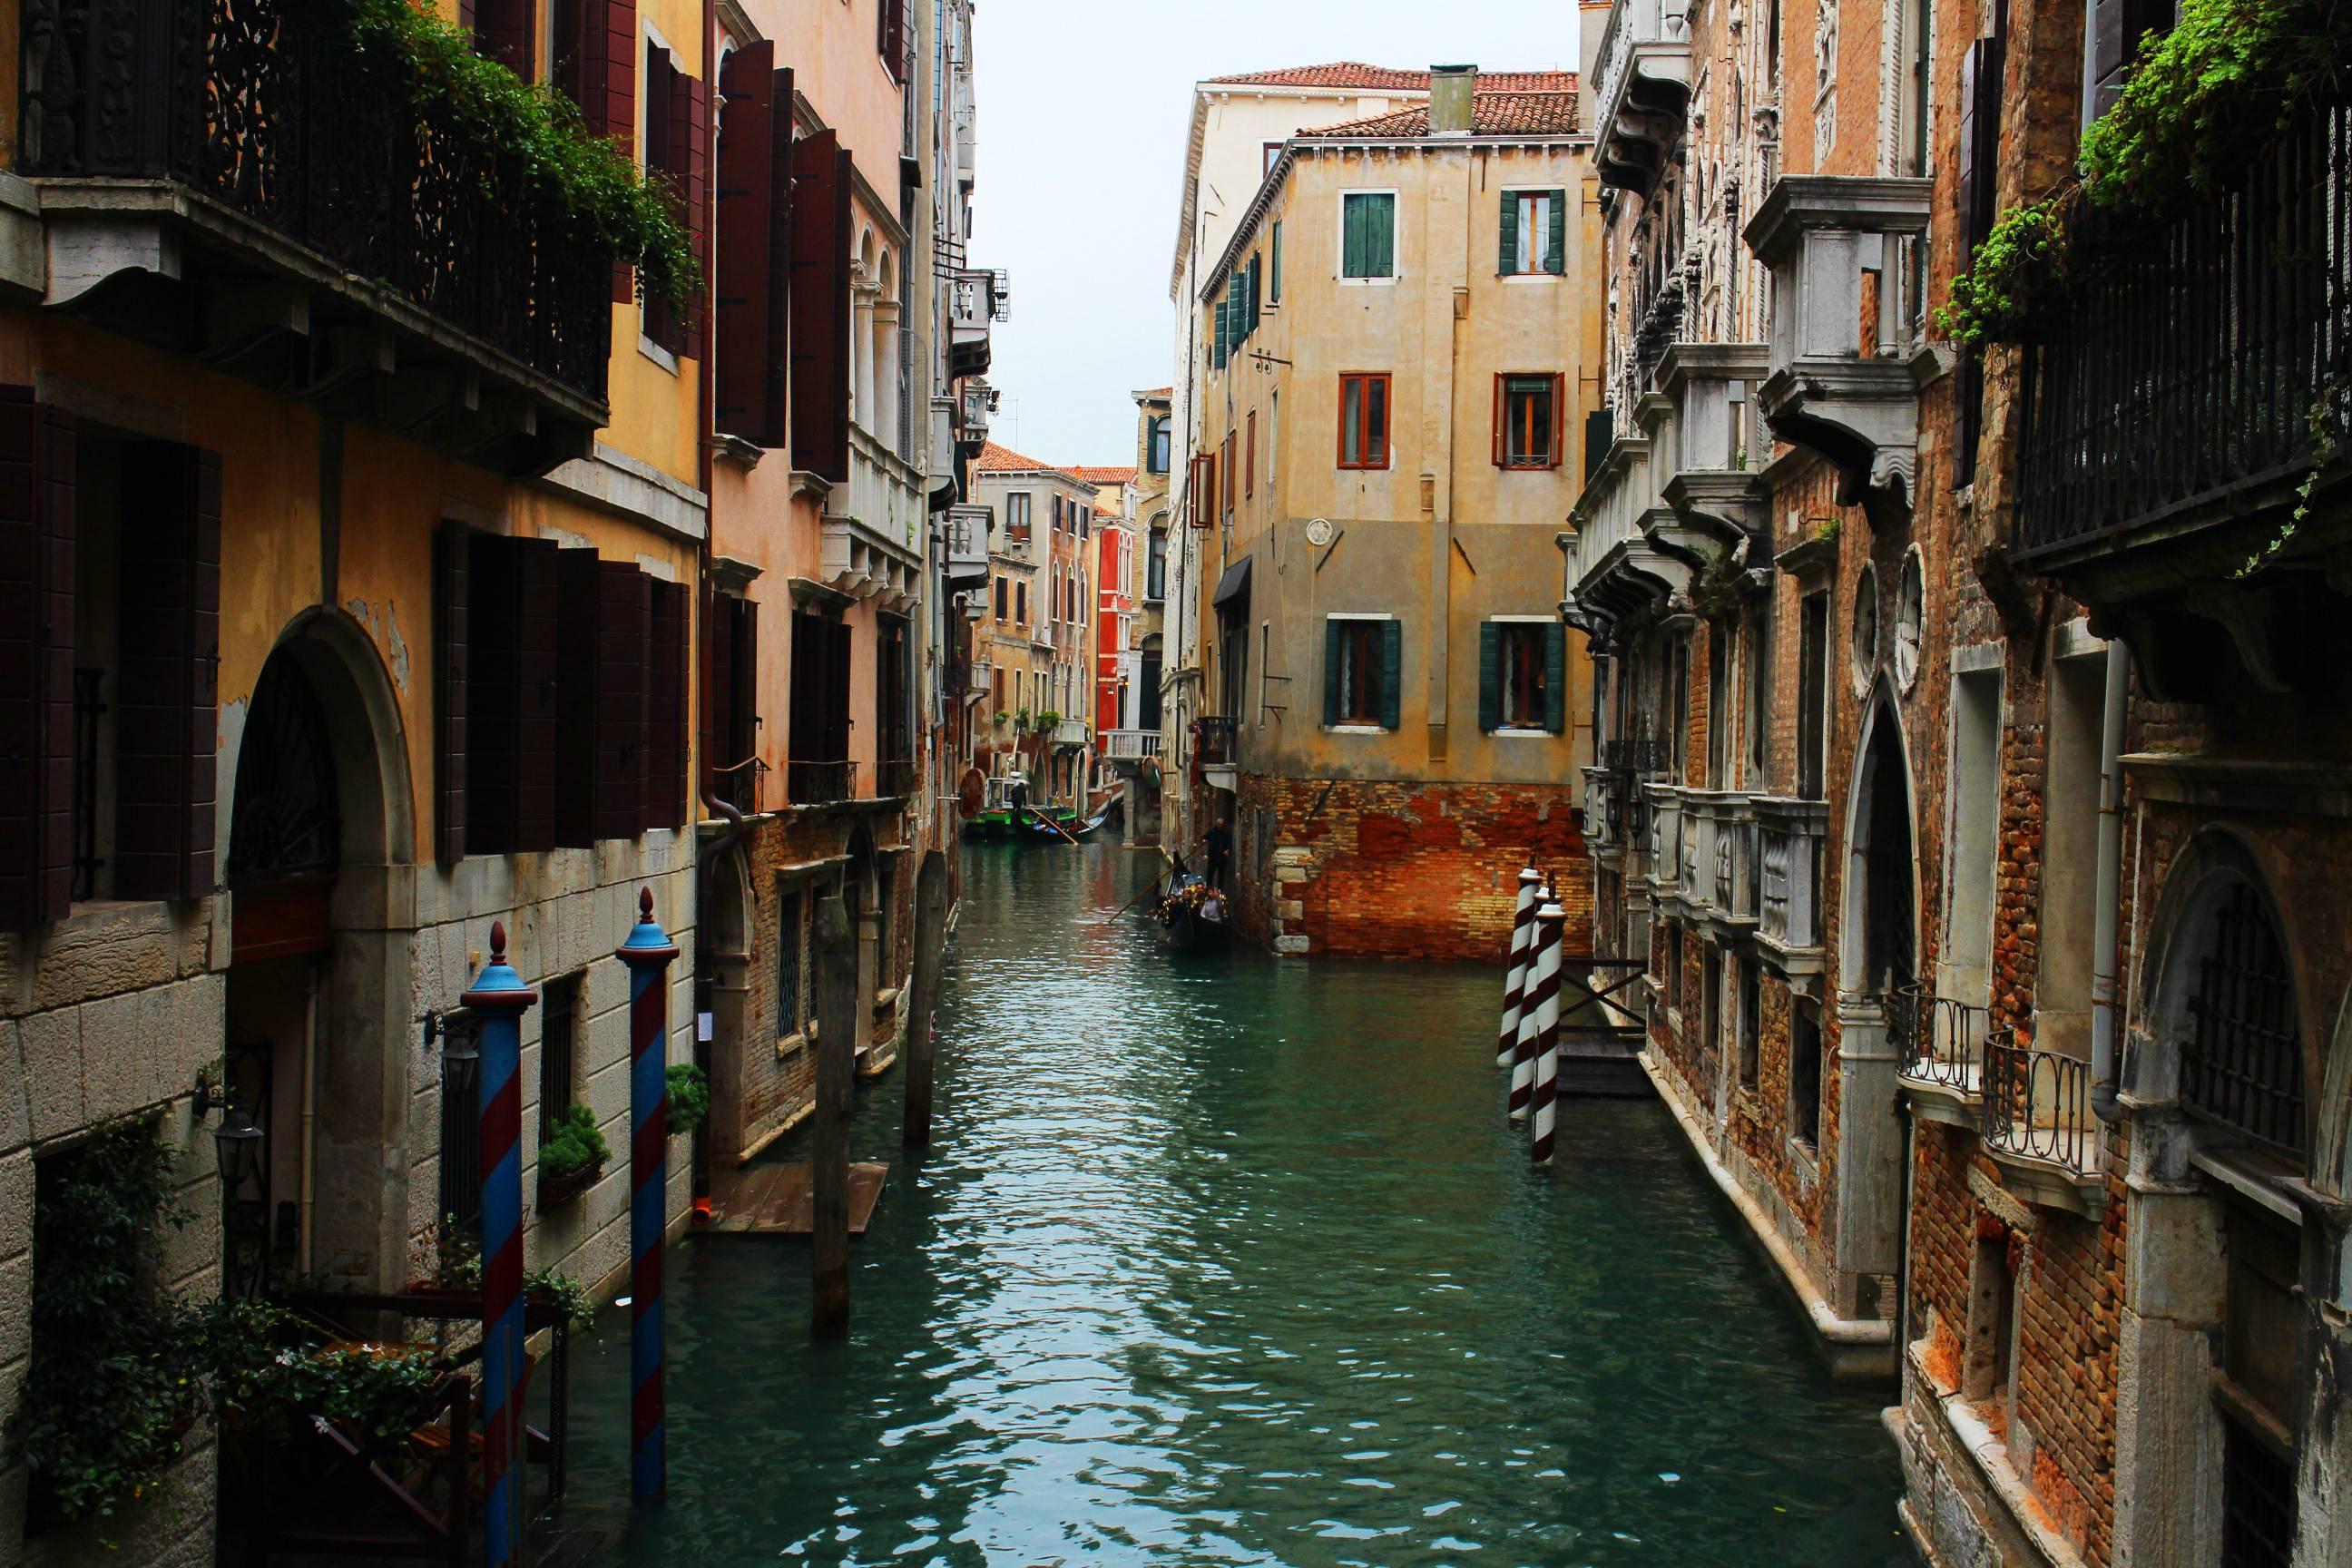 Photo 1: 3 jours à Venise... Conseils et incontournables !